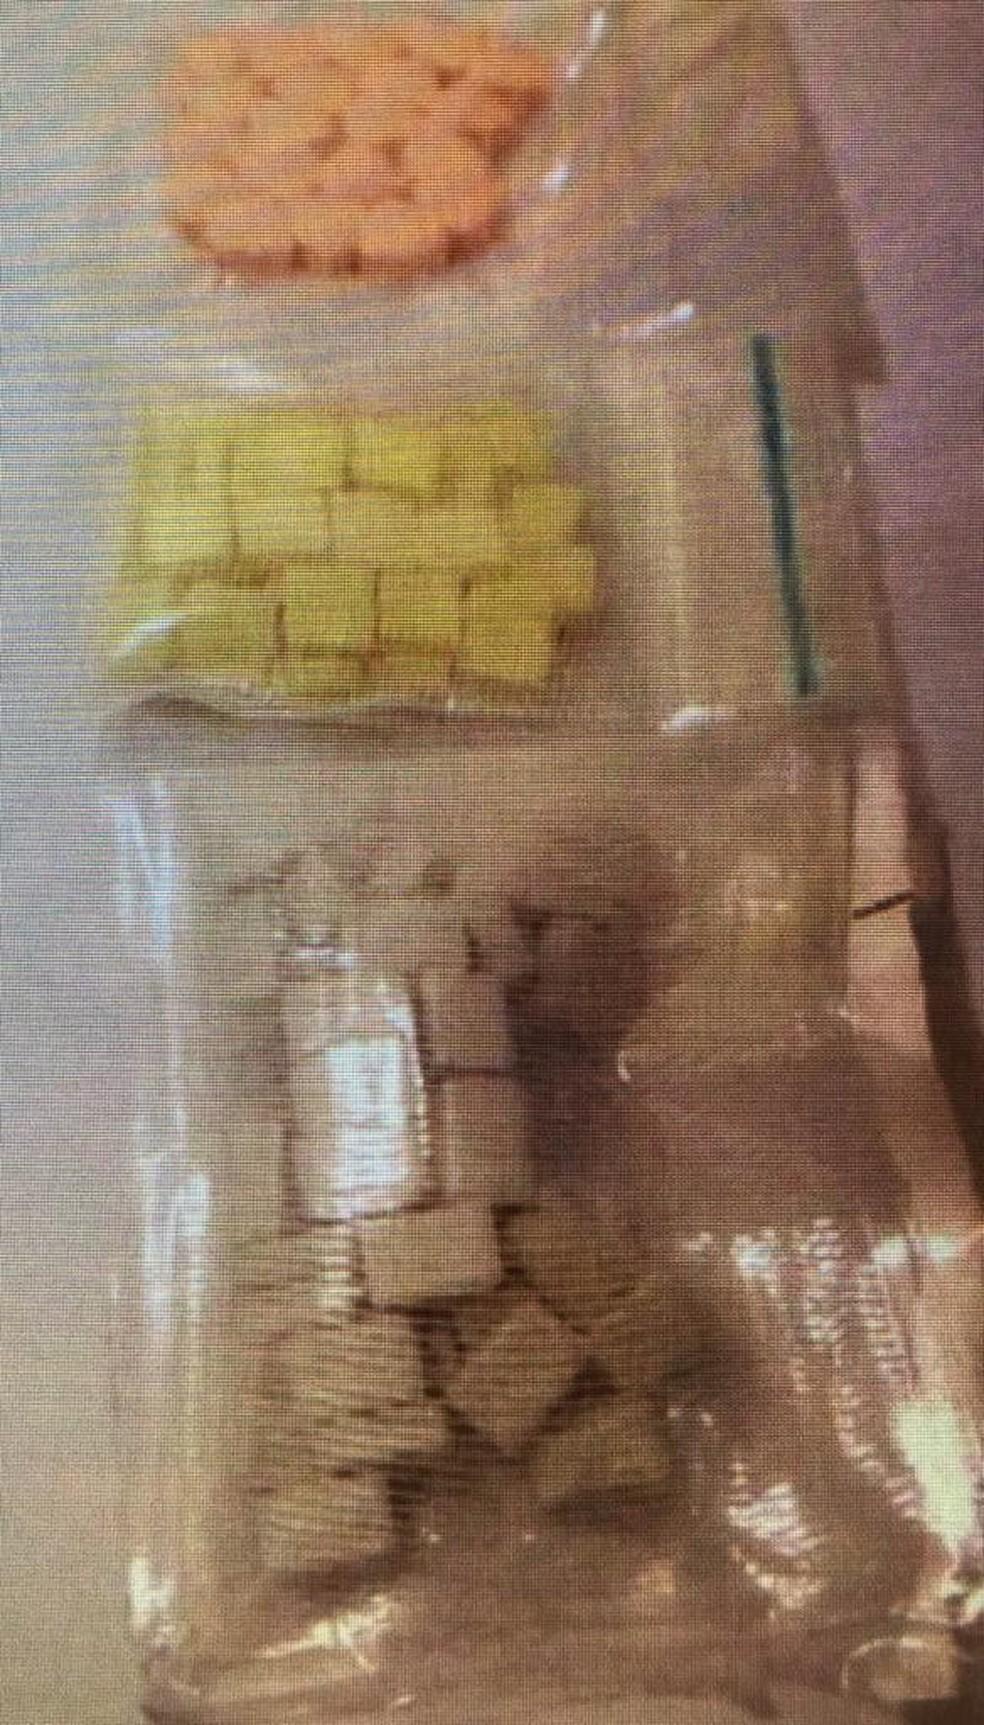 Organização atua no tráfico internacinal de drogas sintéticas — Foto: Polícia Federal/Divulgação